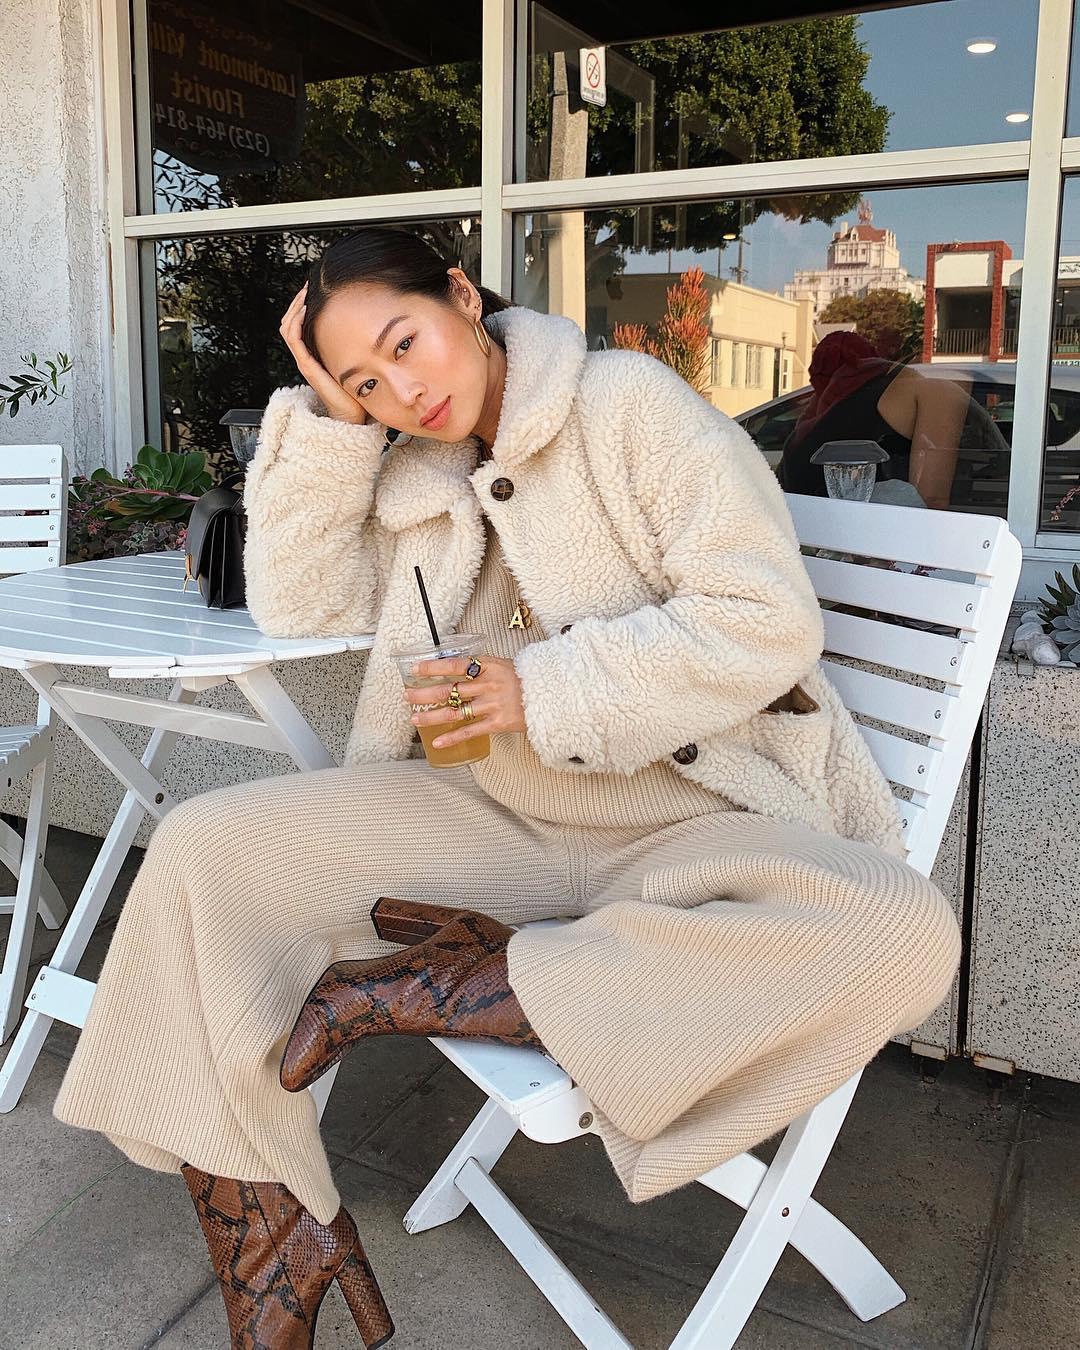 Dnevna doza inspiracije! 12 modnih kombinacija blogerice Aimee Song